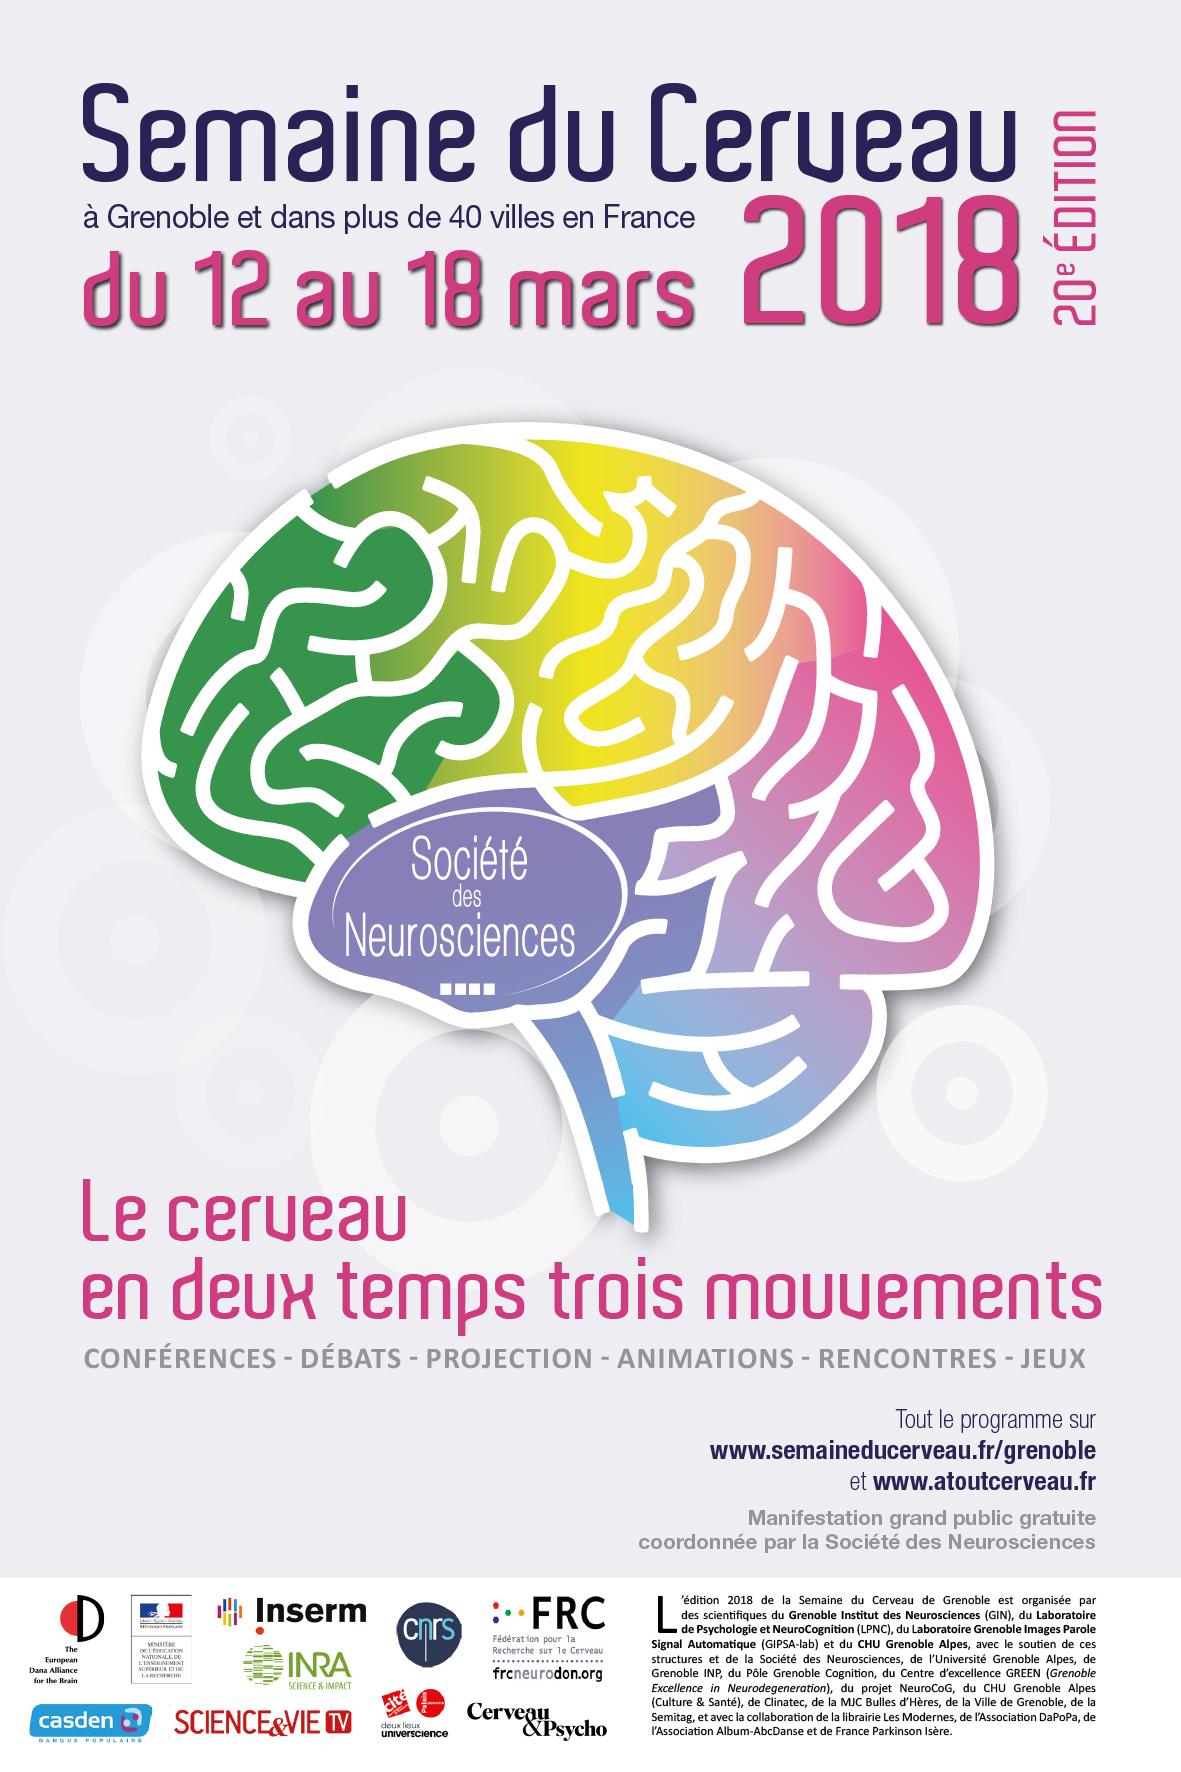 Affiche de la Semaine du cerveau 2018